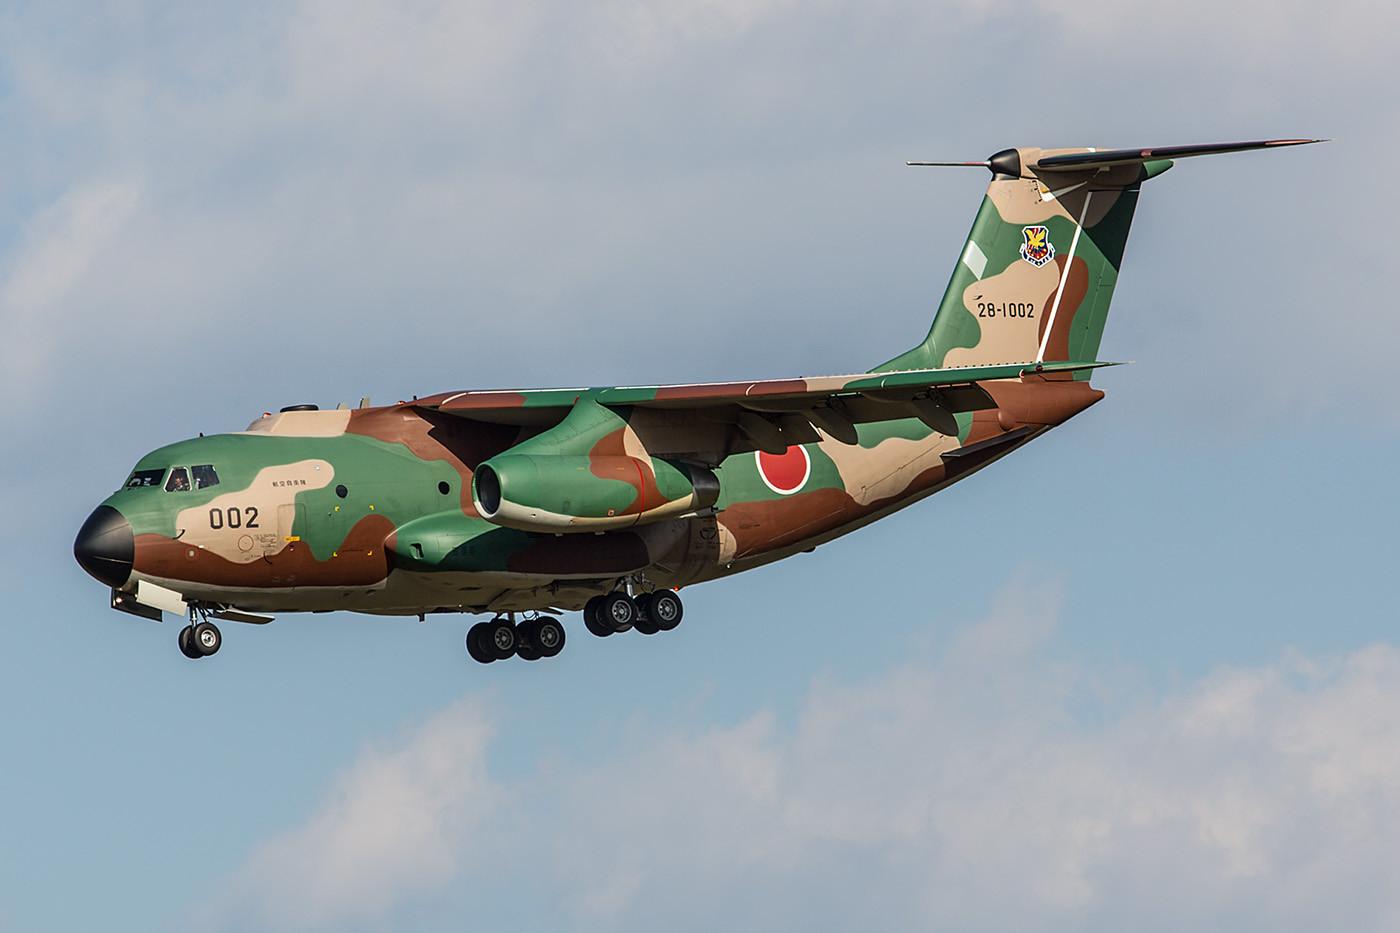 Die erste Serienmaschine der C-1 war die 28-1002. Sie kam von der 402 Hikotai aus Iruma.